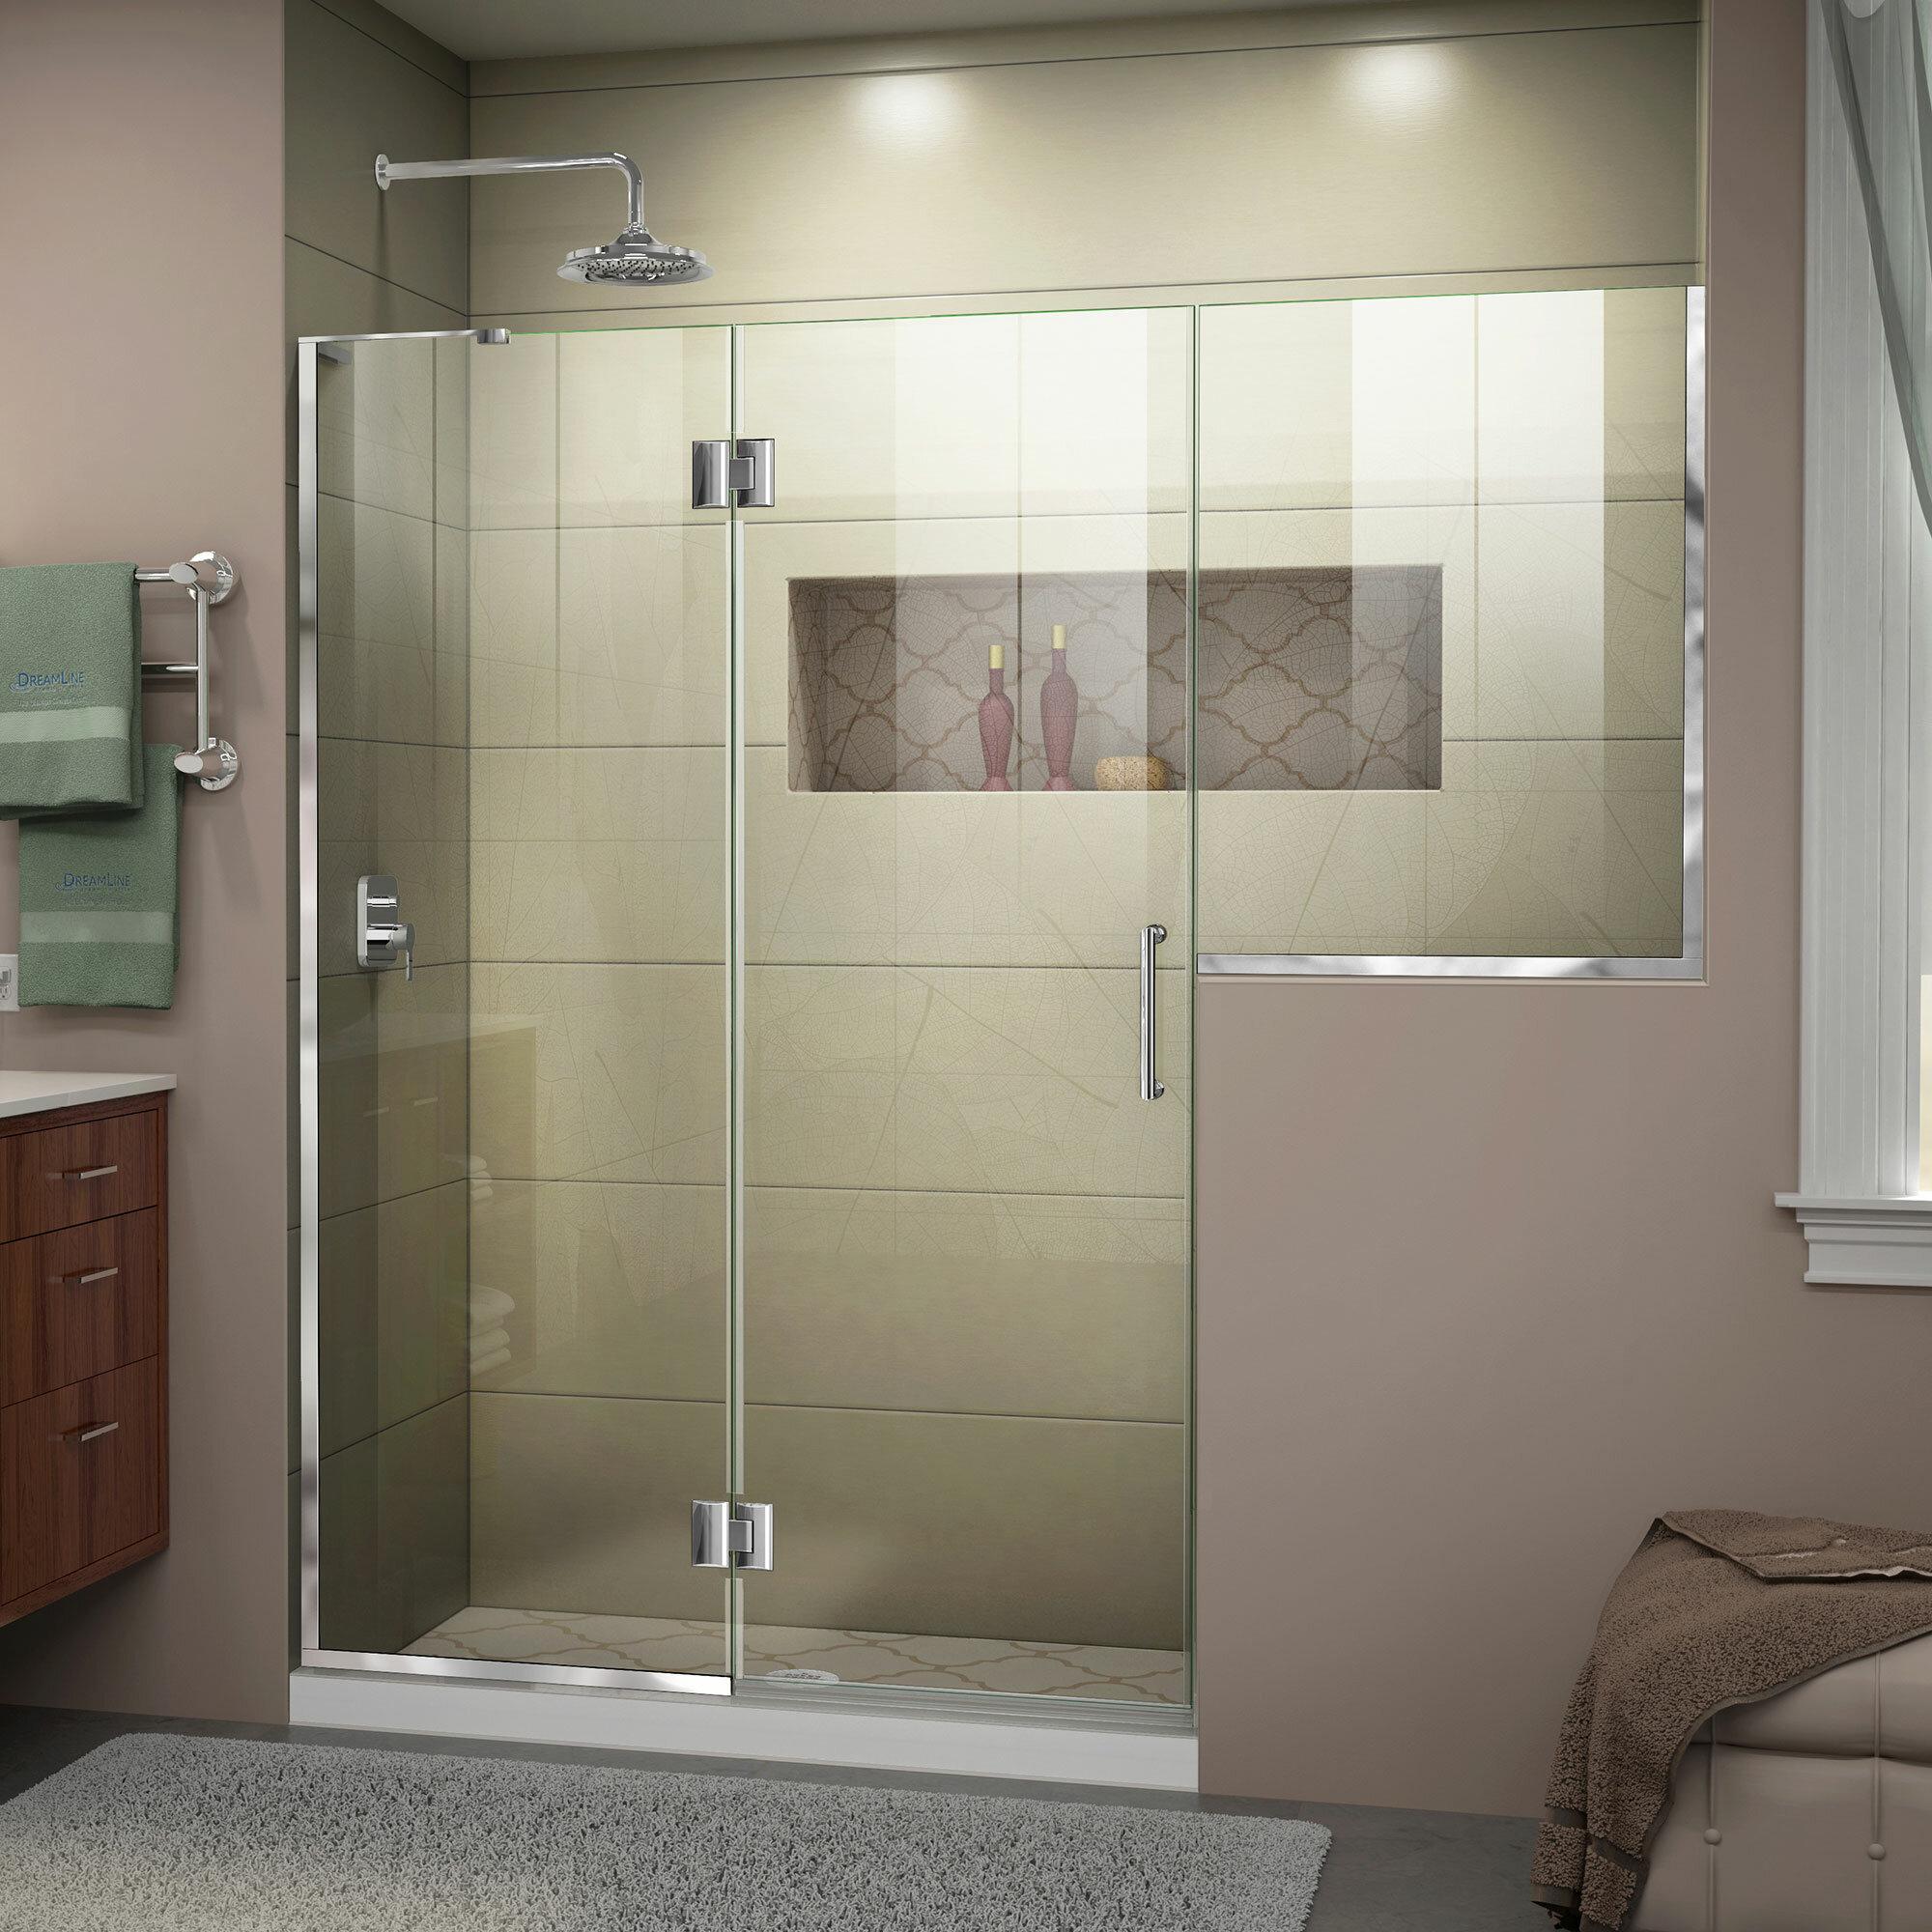 Unidoor X 66 66 1 2 In W X 72 In H Frameless Hinged Shower Door